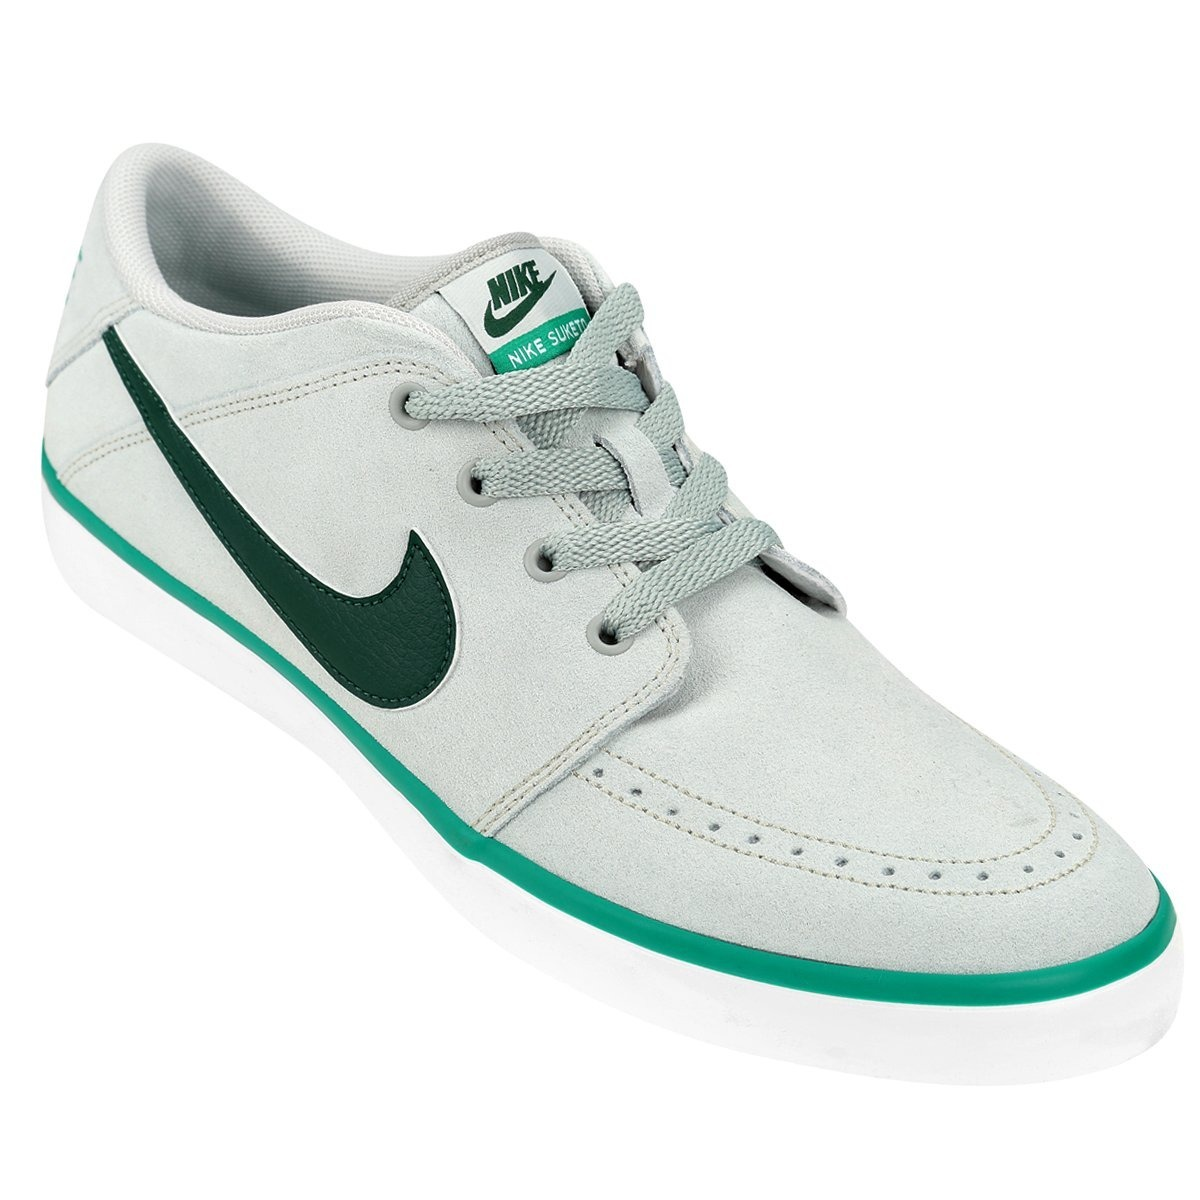 Zapatillas Nike Suketo Suede Gris + Envio Gratis - $ 1.599,00 en Mercado  Libre